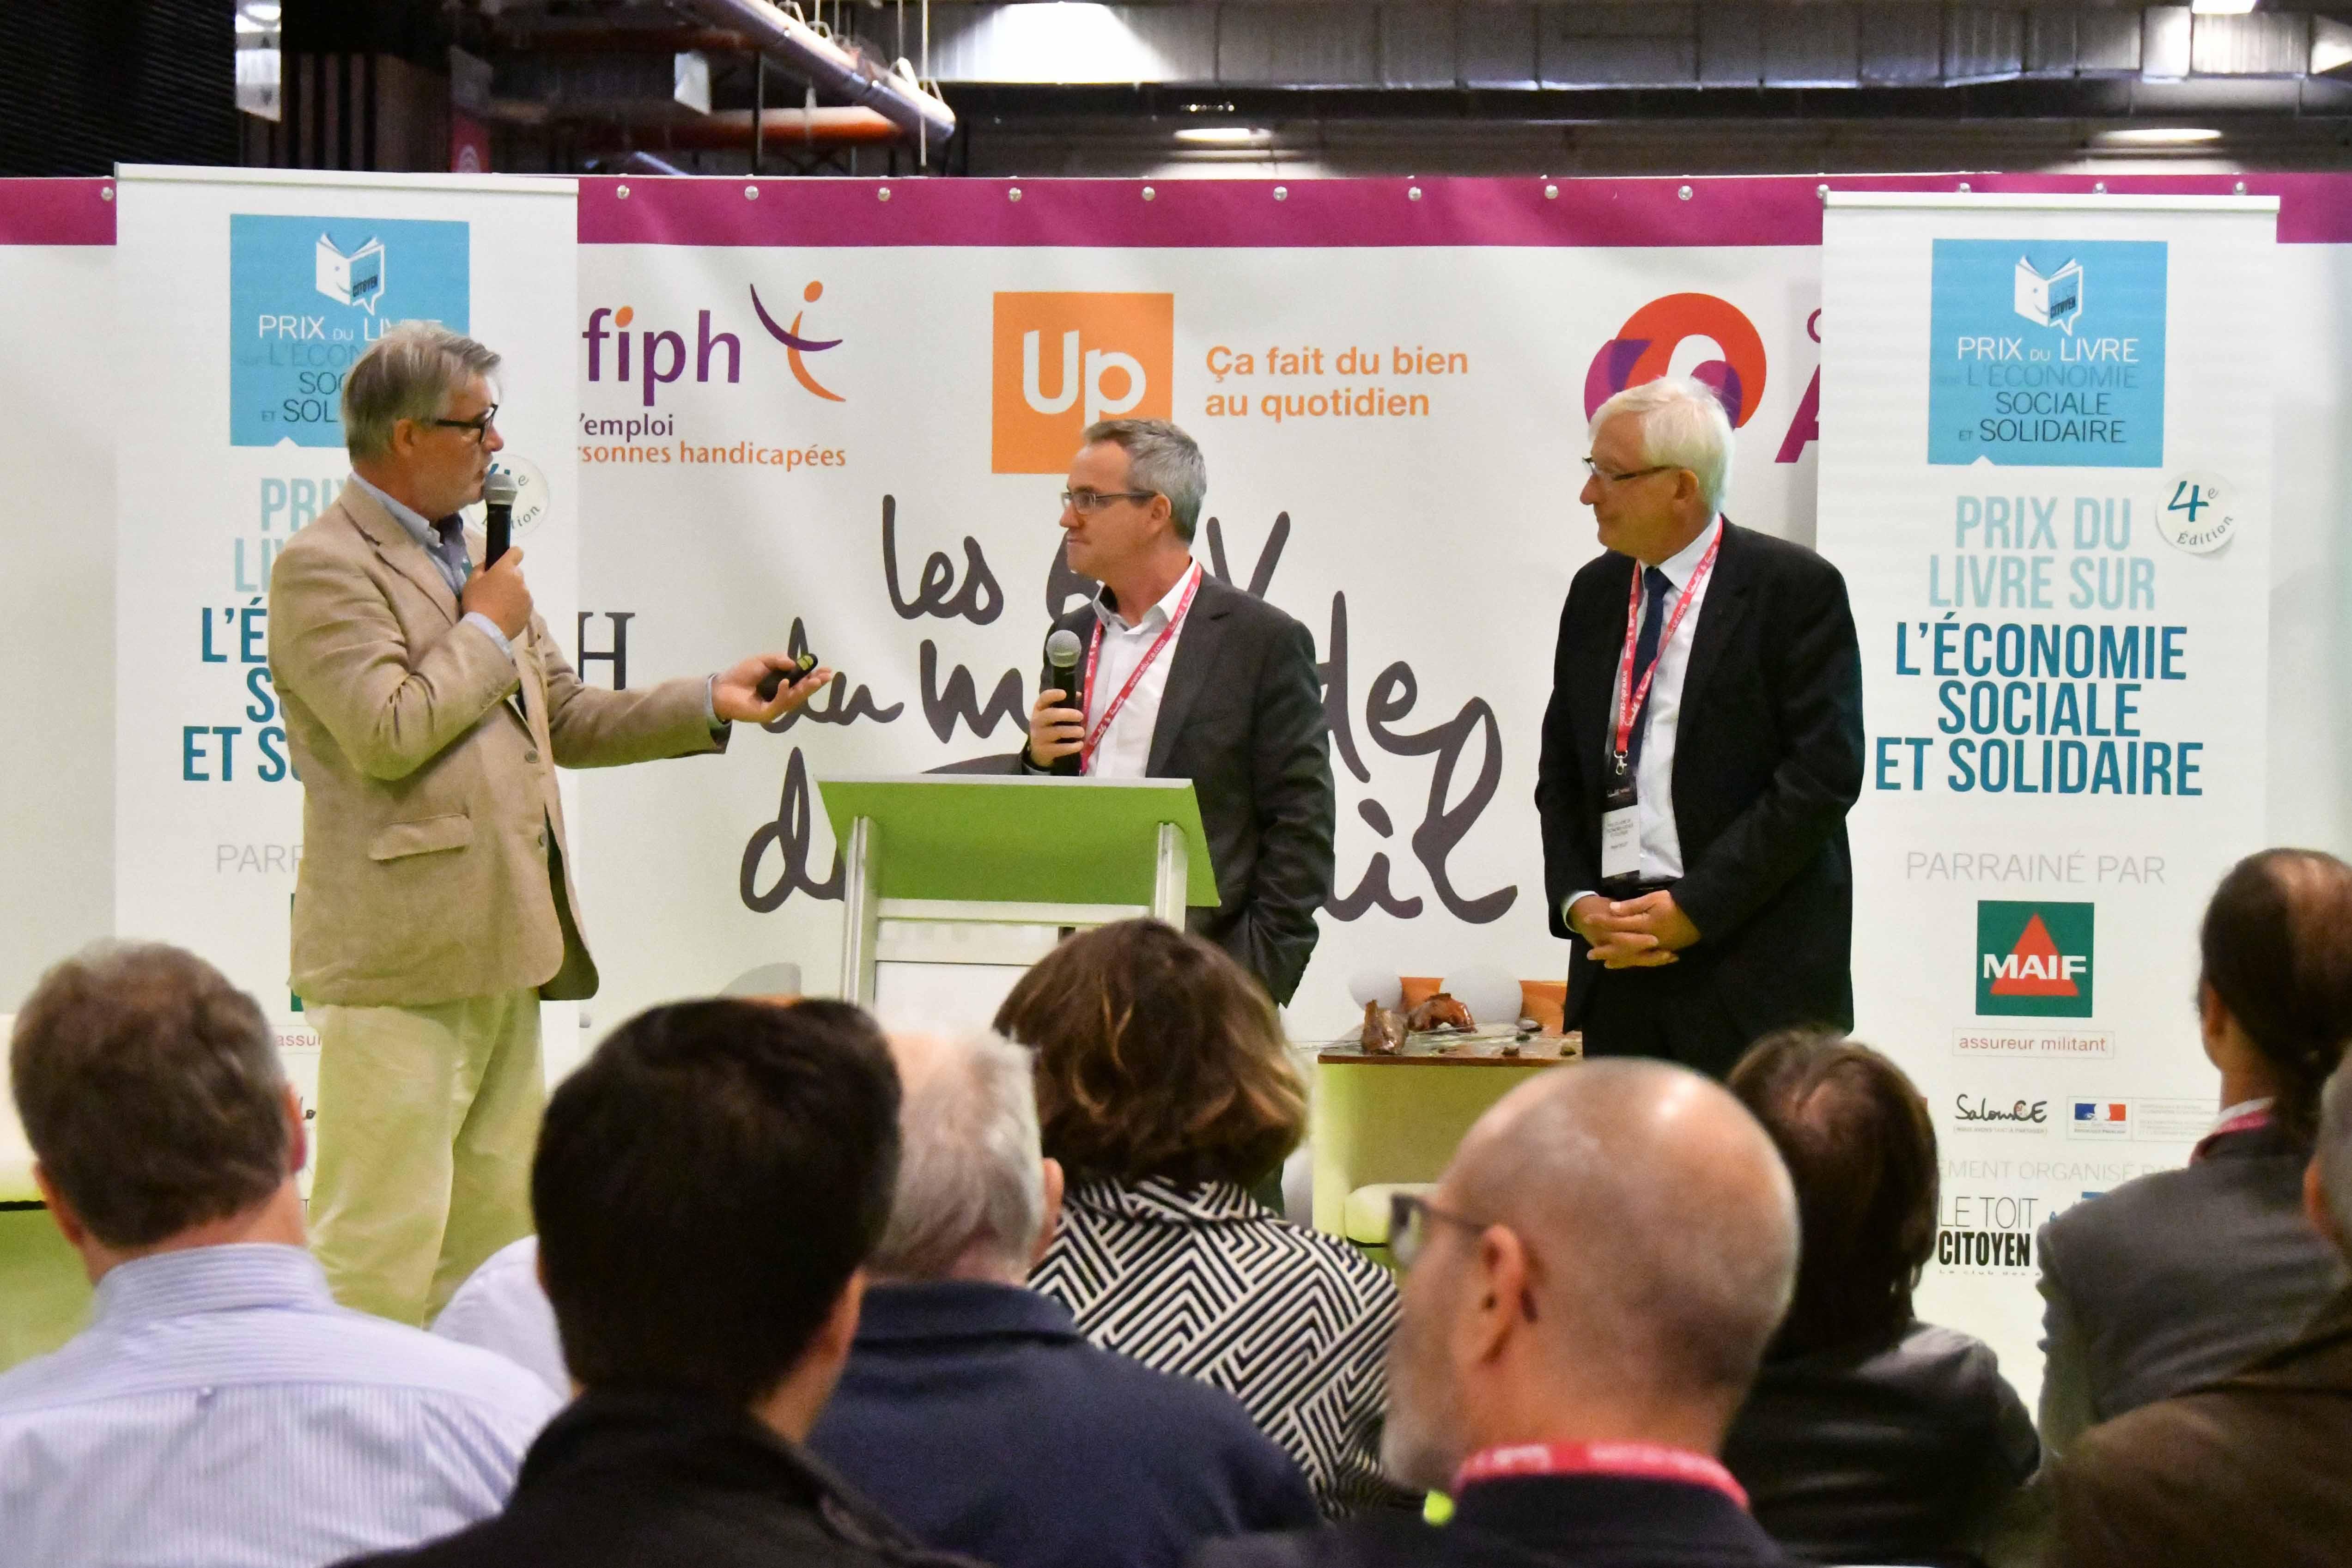 Thierry Monminoux a beaucoup discuté avec les participants du Prix après son intervention à la tribune - Photo : Catherine Cros.